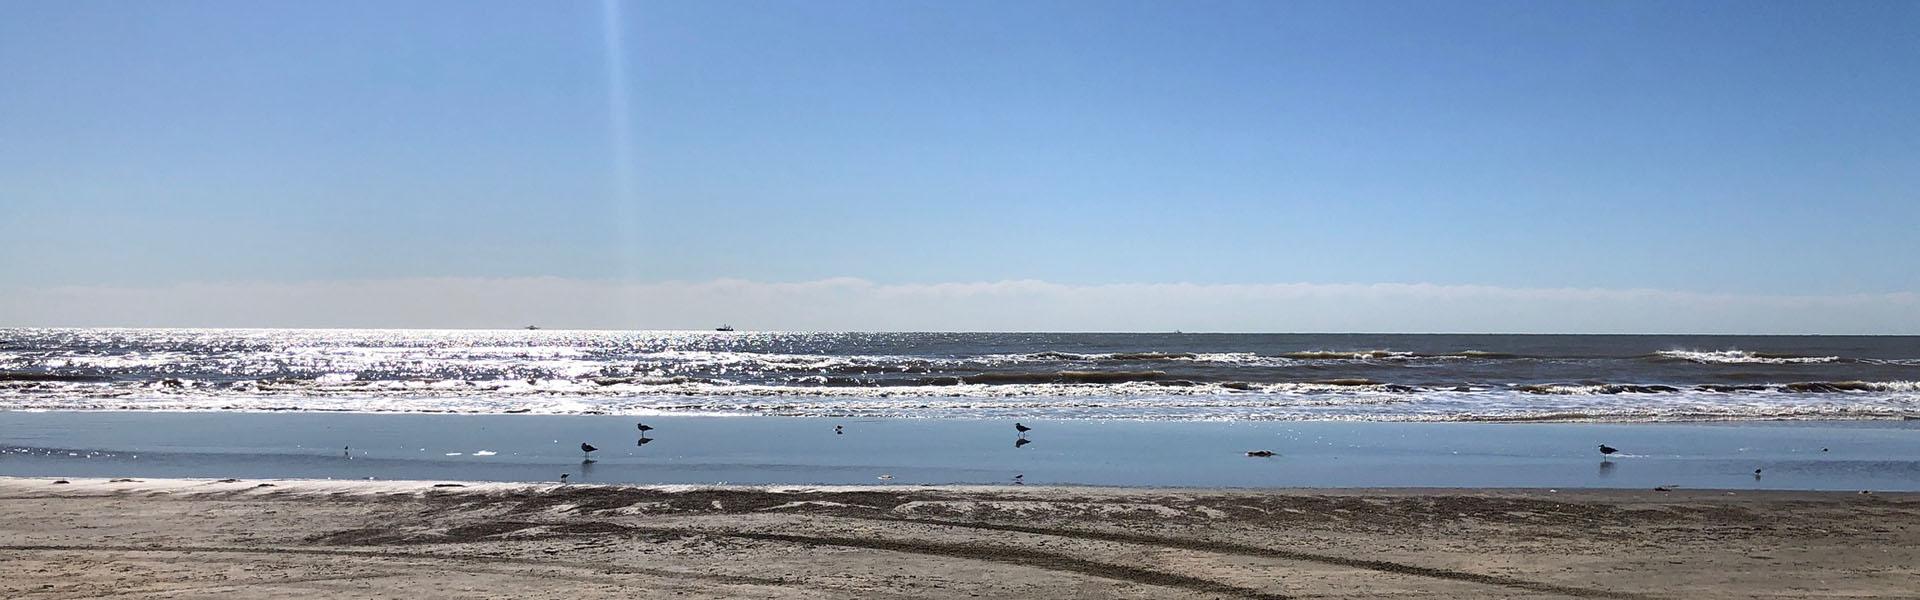 Beach Access Point 34 at Miramar